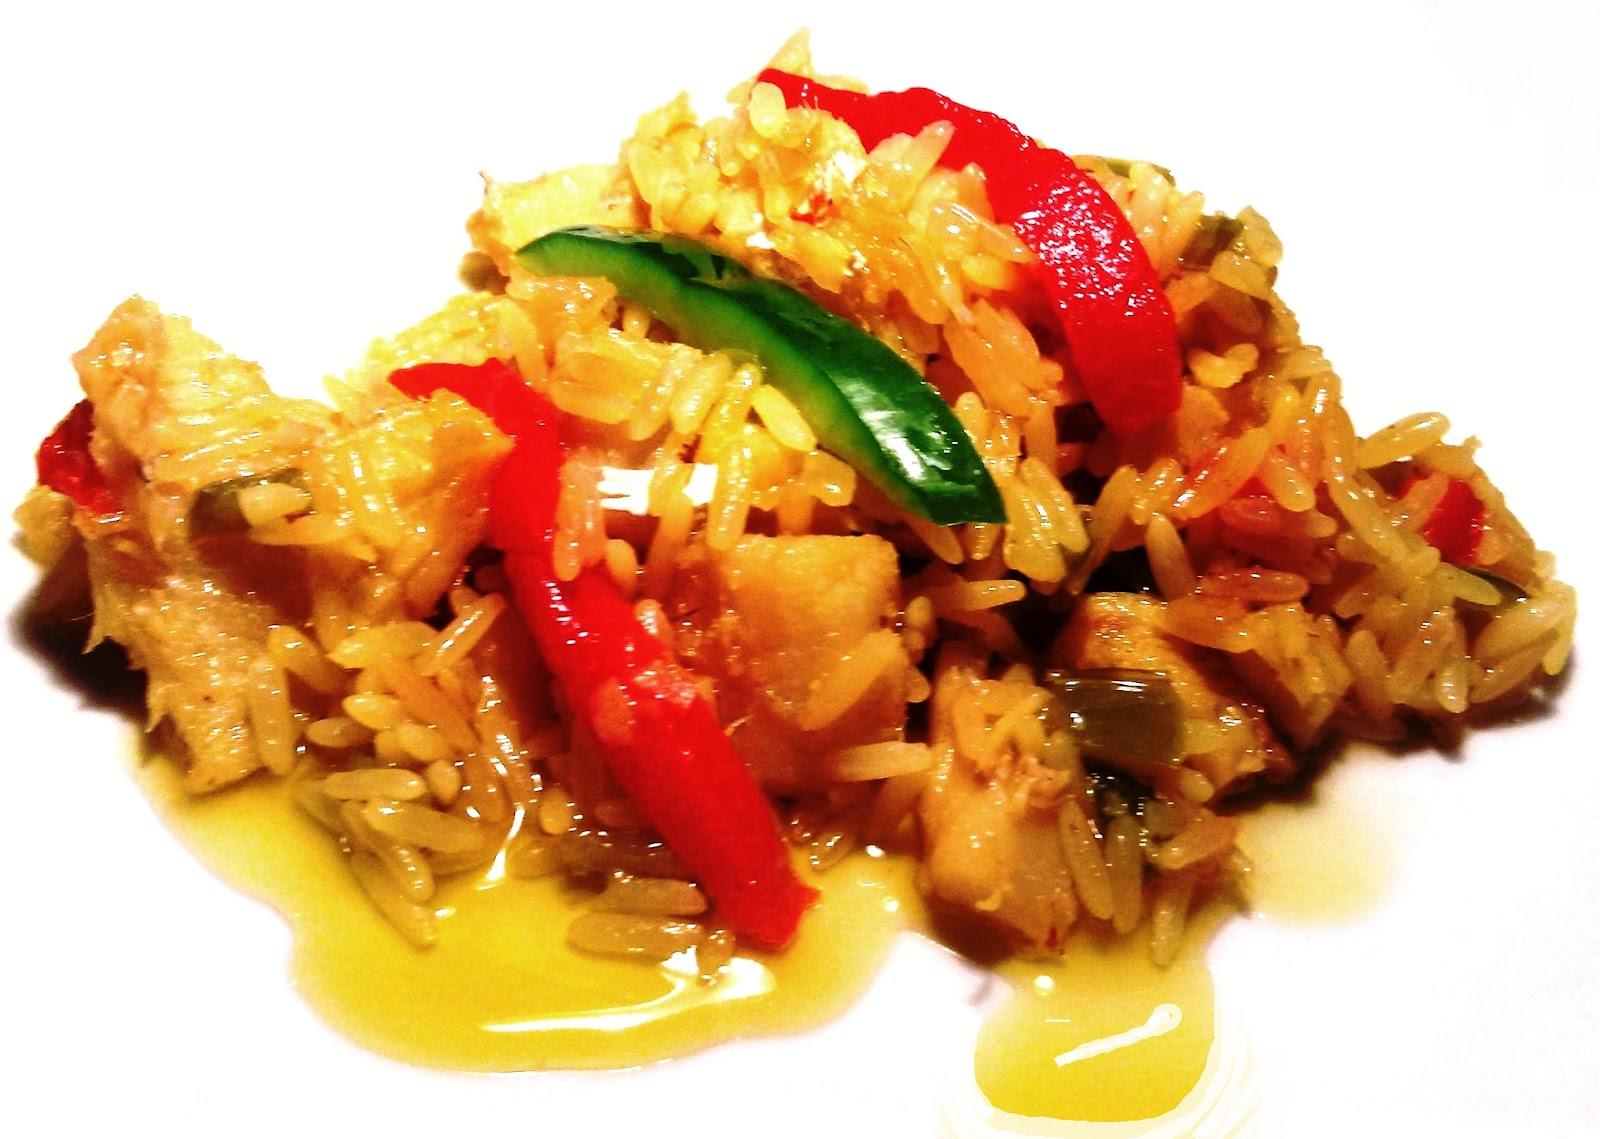 Nuestras recetas familiares arroz con bacalao - Arroz con bacalao desmigado ...